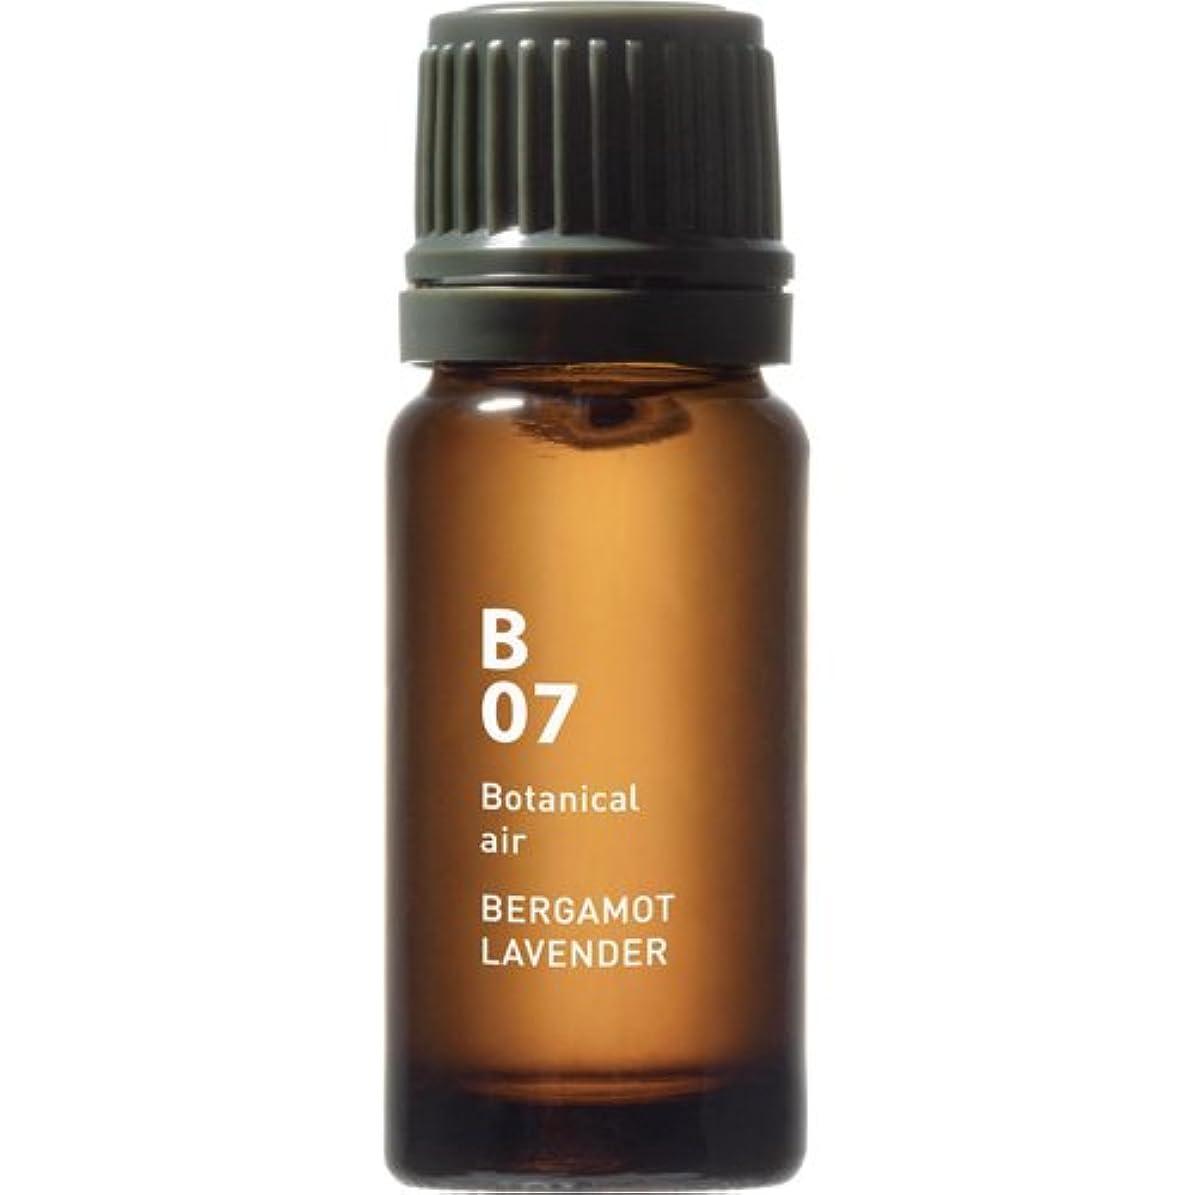 証明する交渉する仲人B07 ベルガモットラベンダー Botanical air(ボタニカルエアー) 10ml